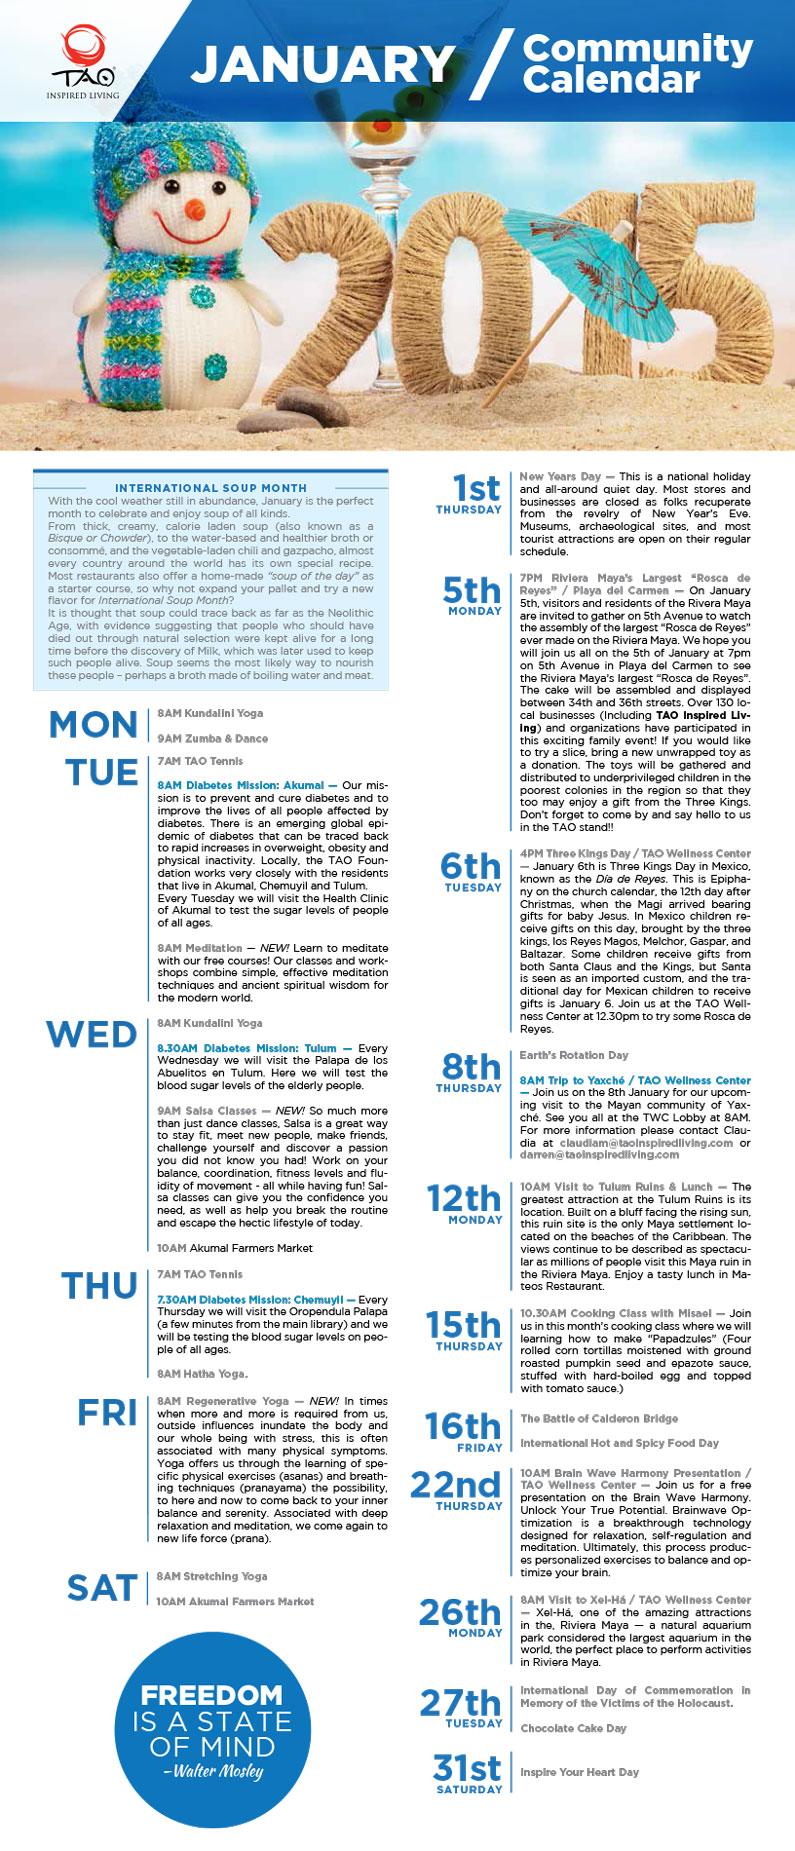 TAO Community Calendar / January 2015